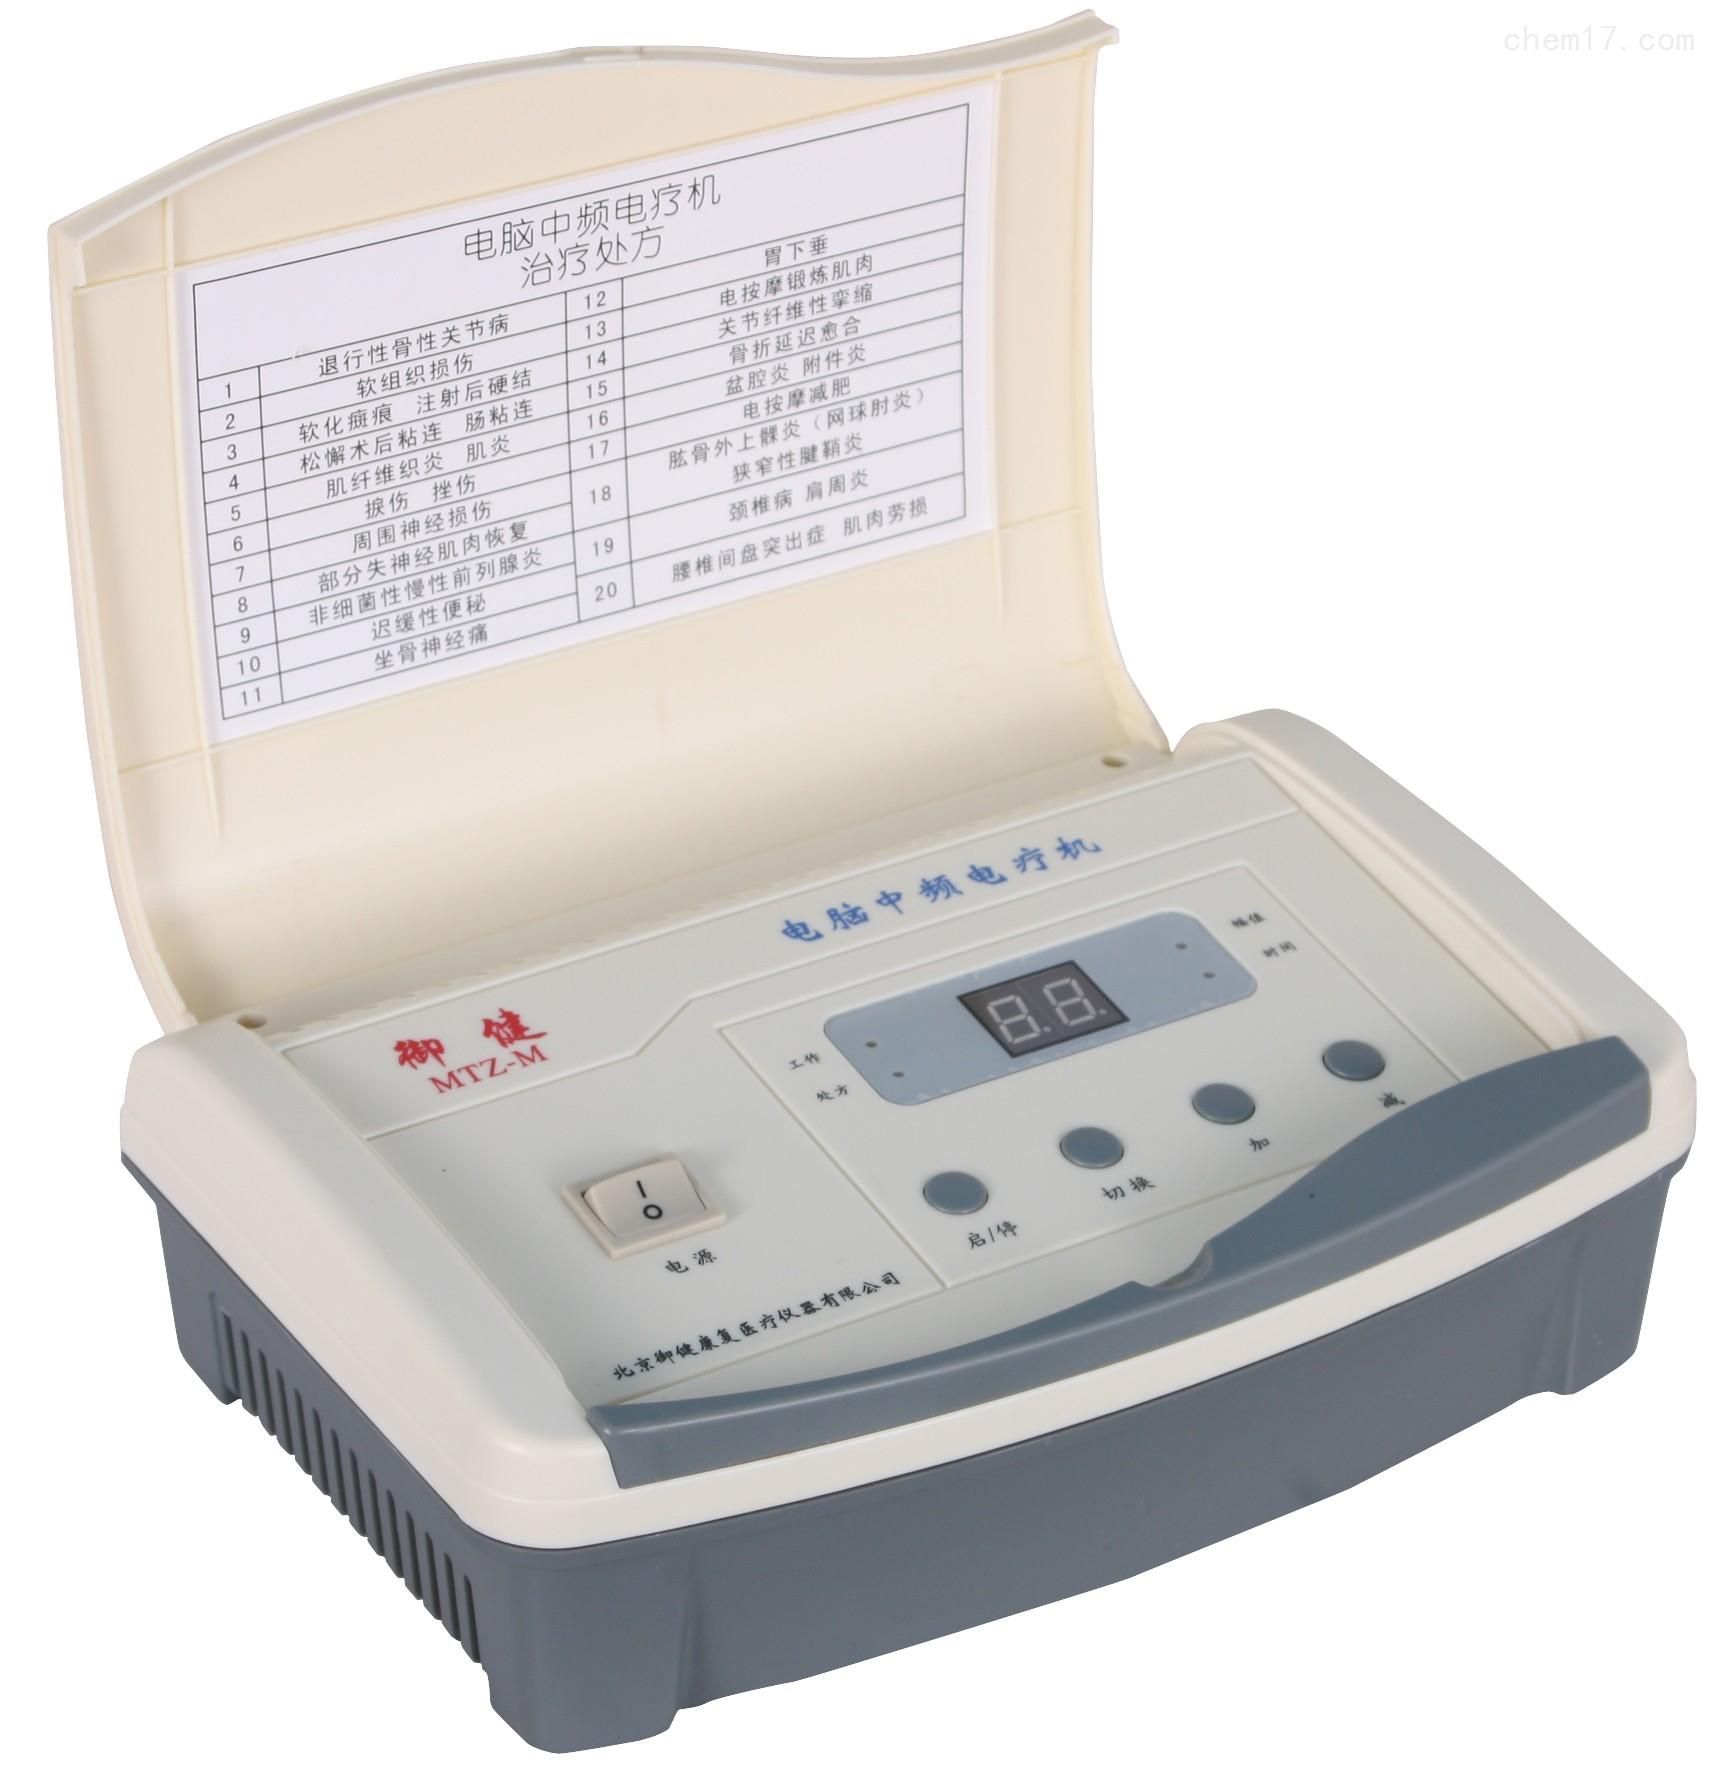 MTZ-M型电脑中频电疗机.jpg